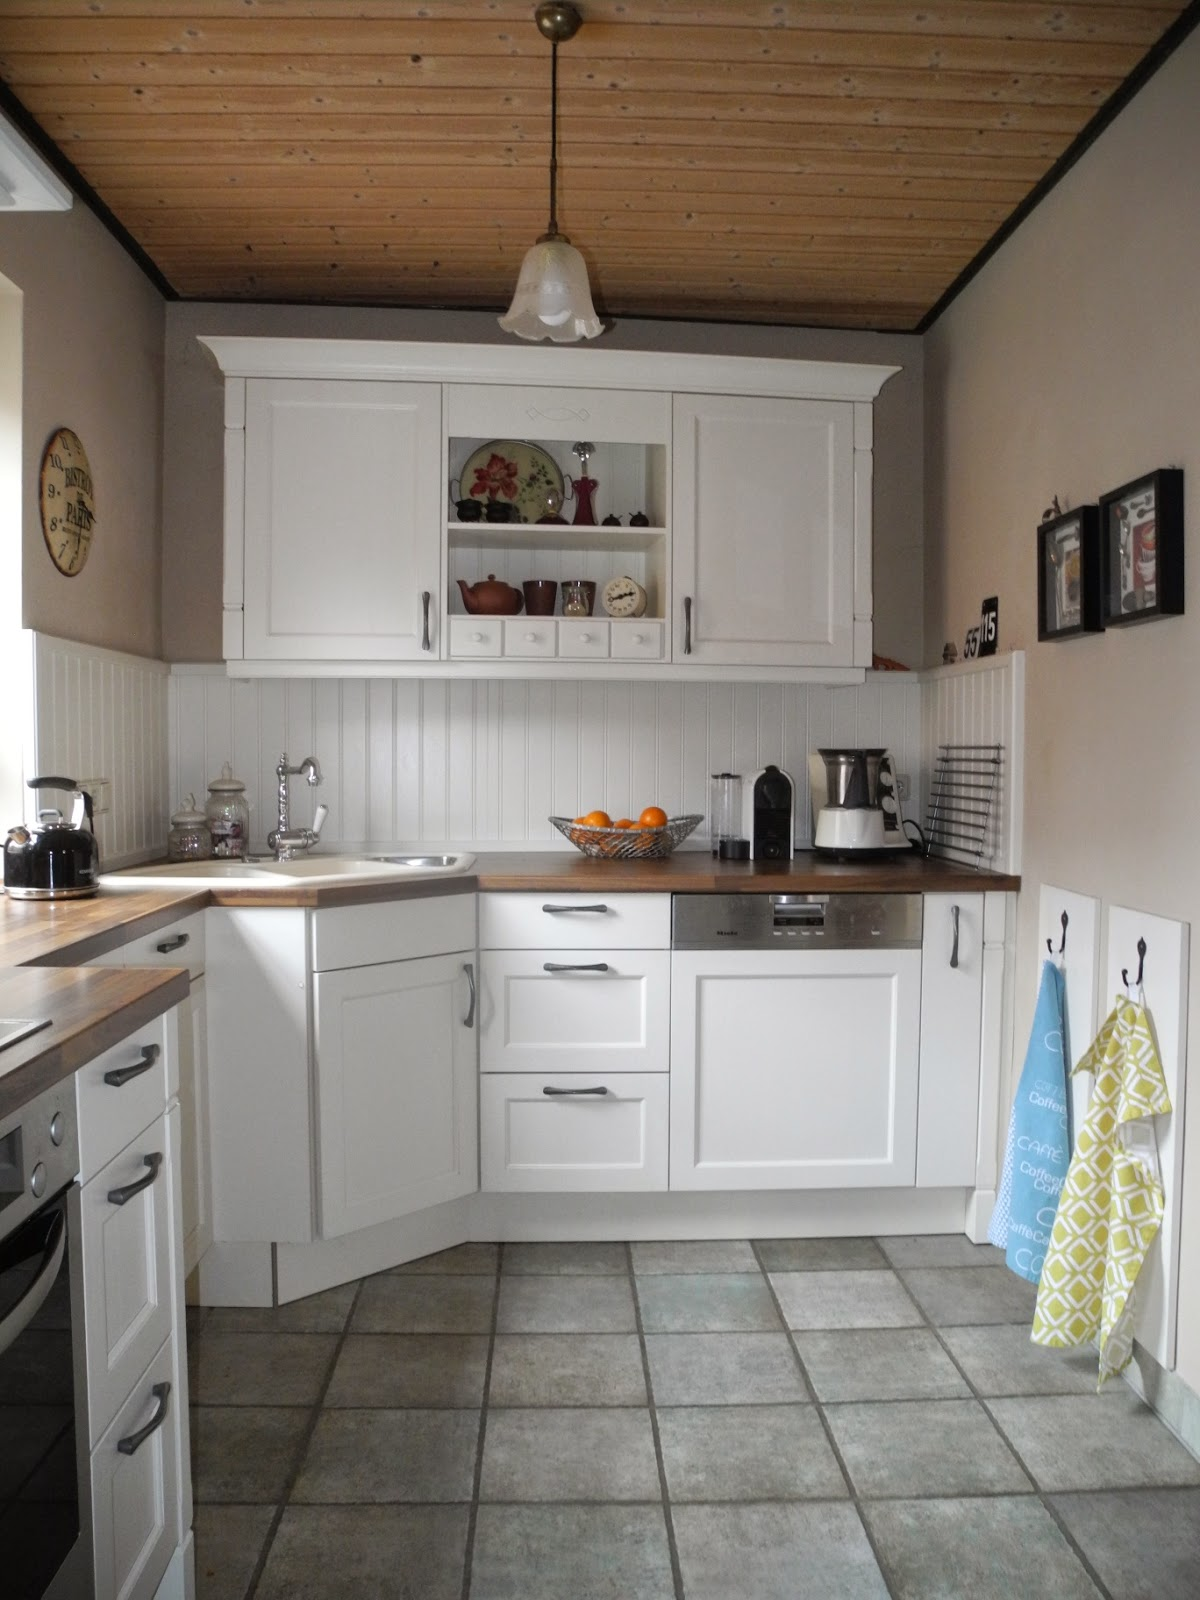 schmiedegarten gru aus der k che. Black Bedroom Furniture Sets. Home Design Ideas